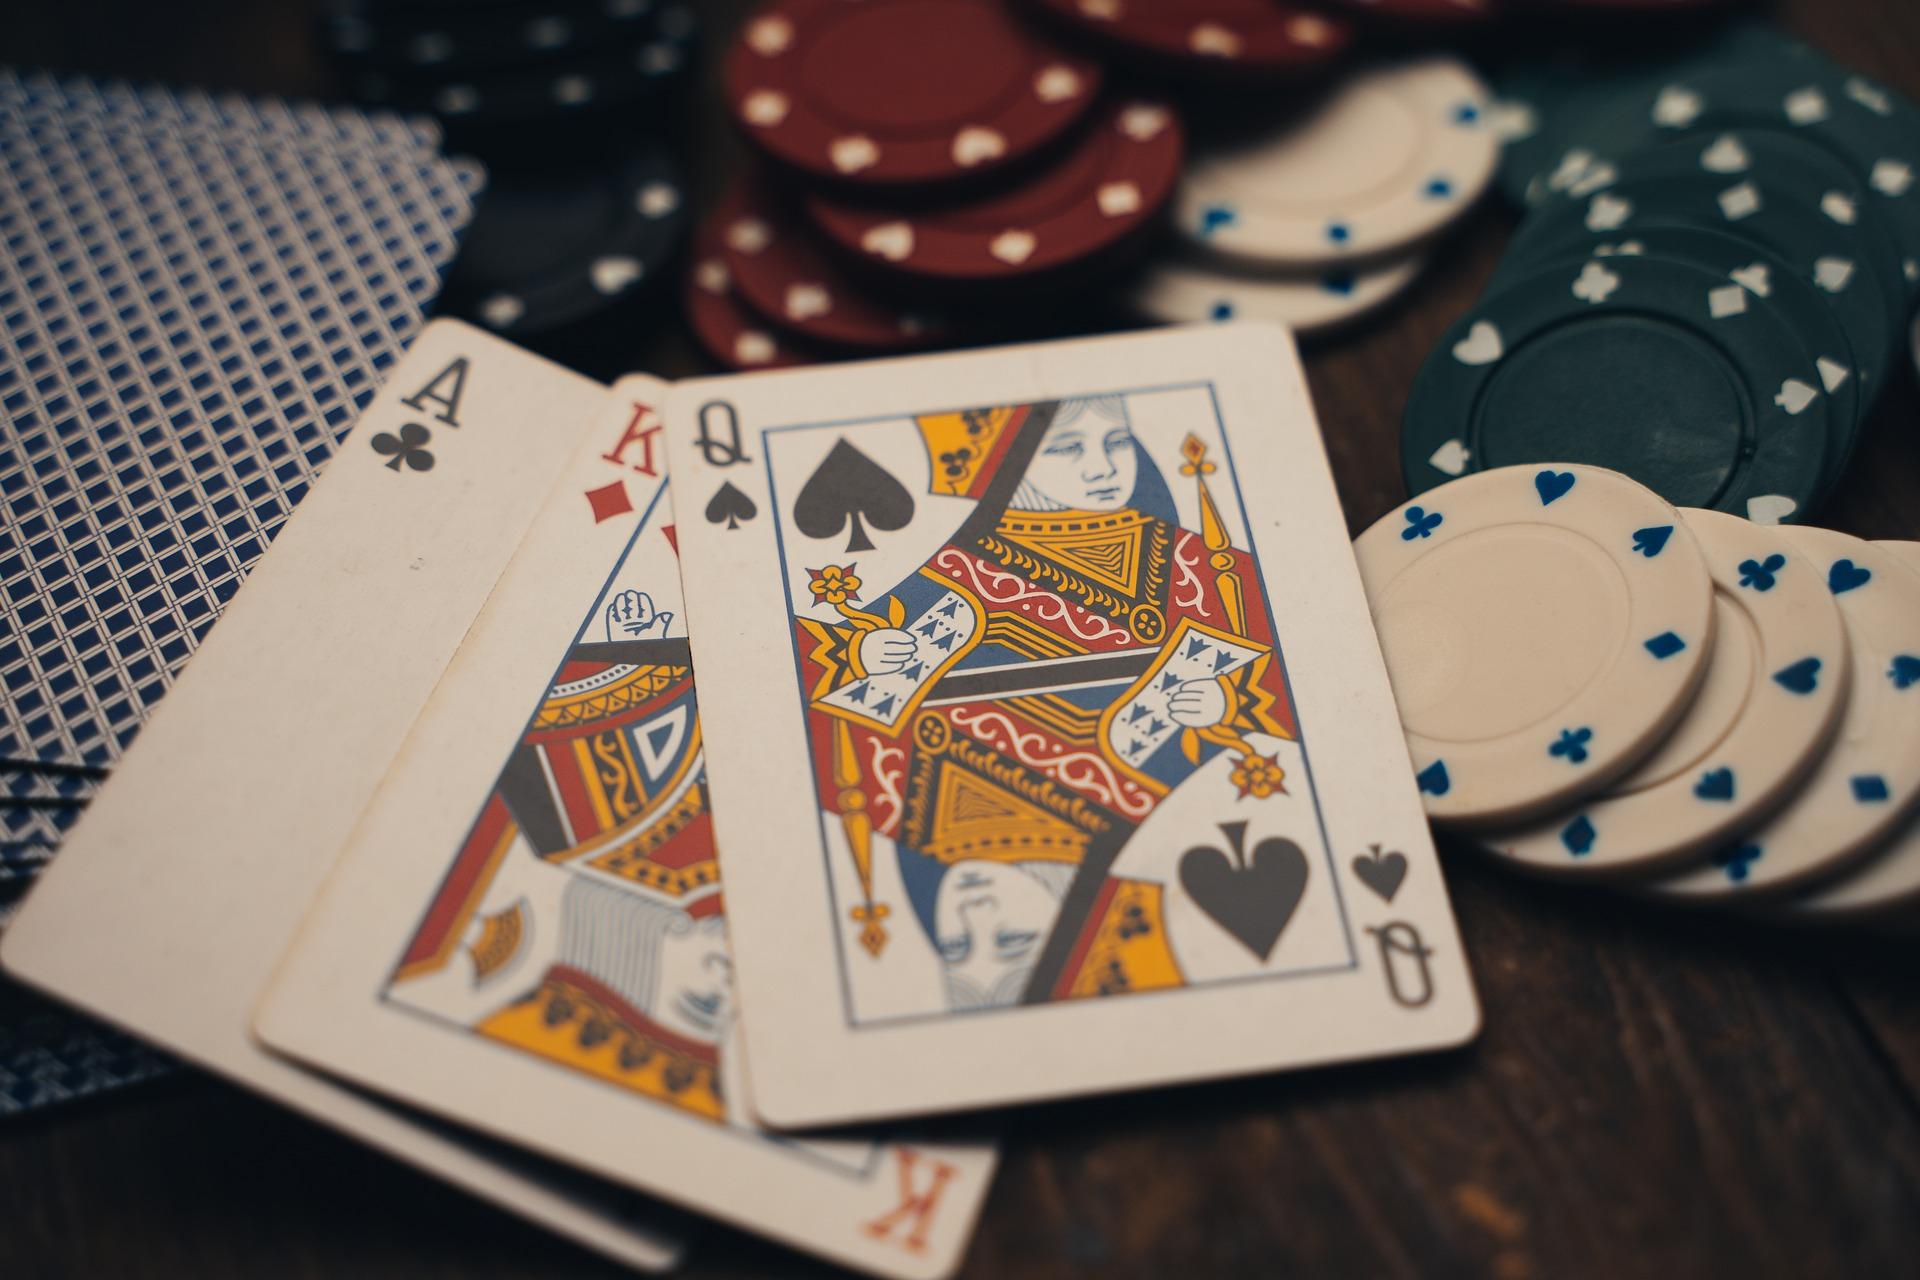 bet, stake, wager, apuesta, poker